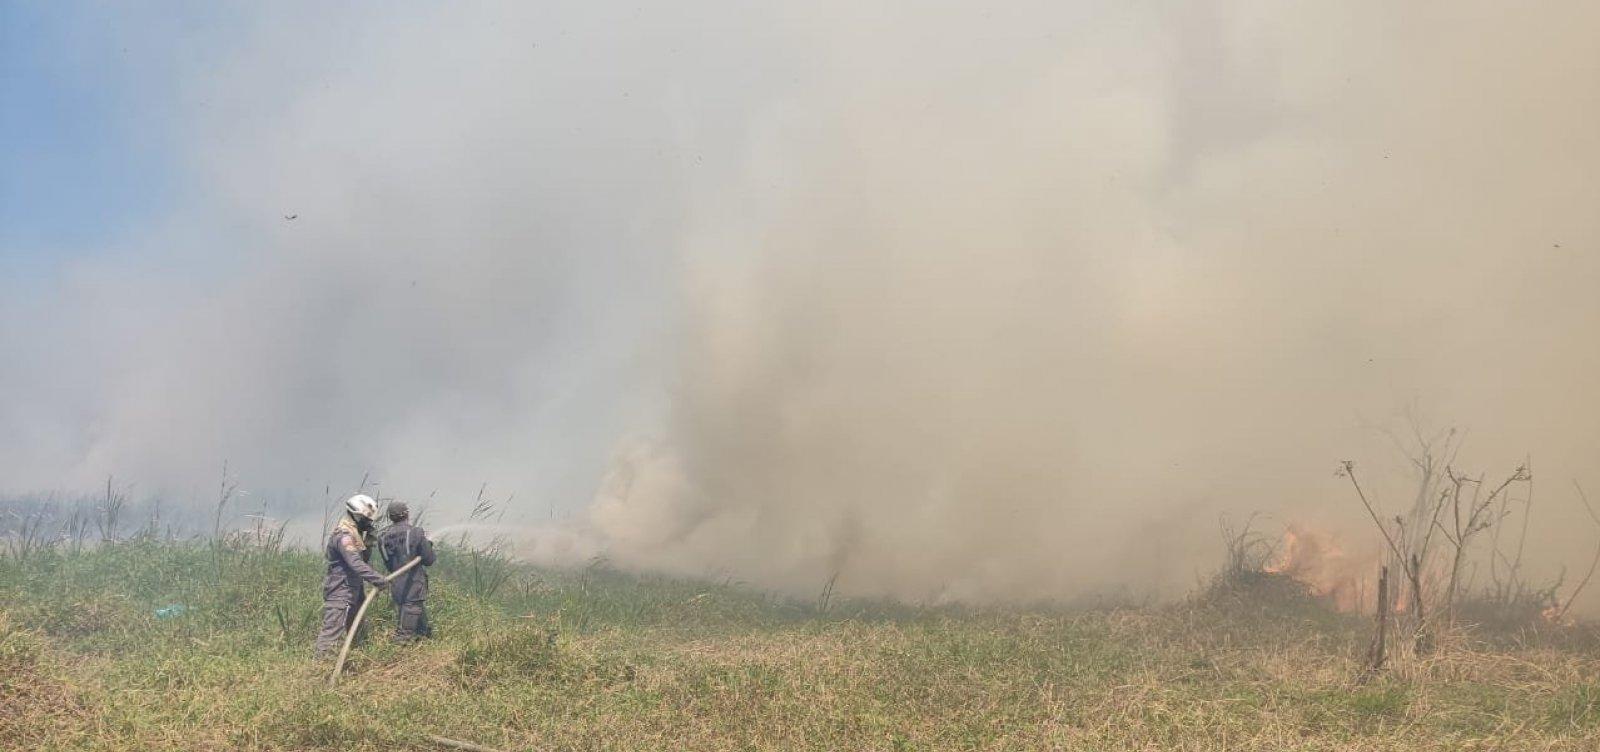 Sem vítimas, incêndio em parque de Vitória da Conquista é controlado